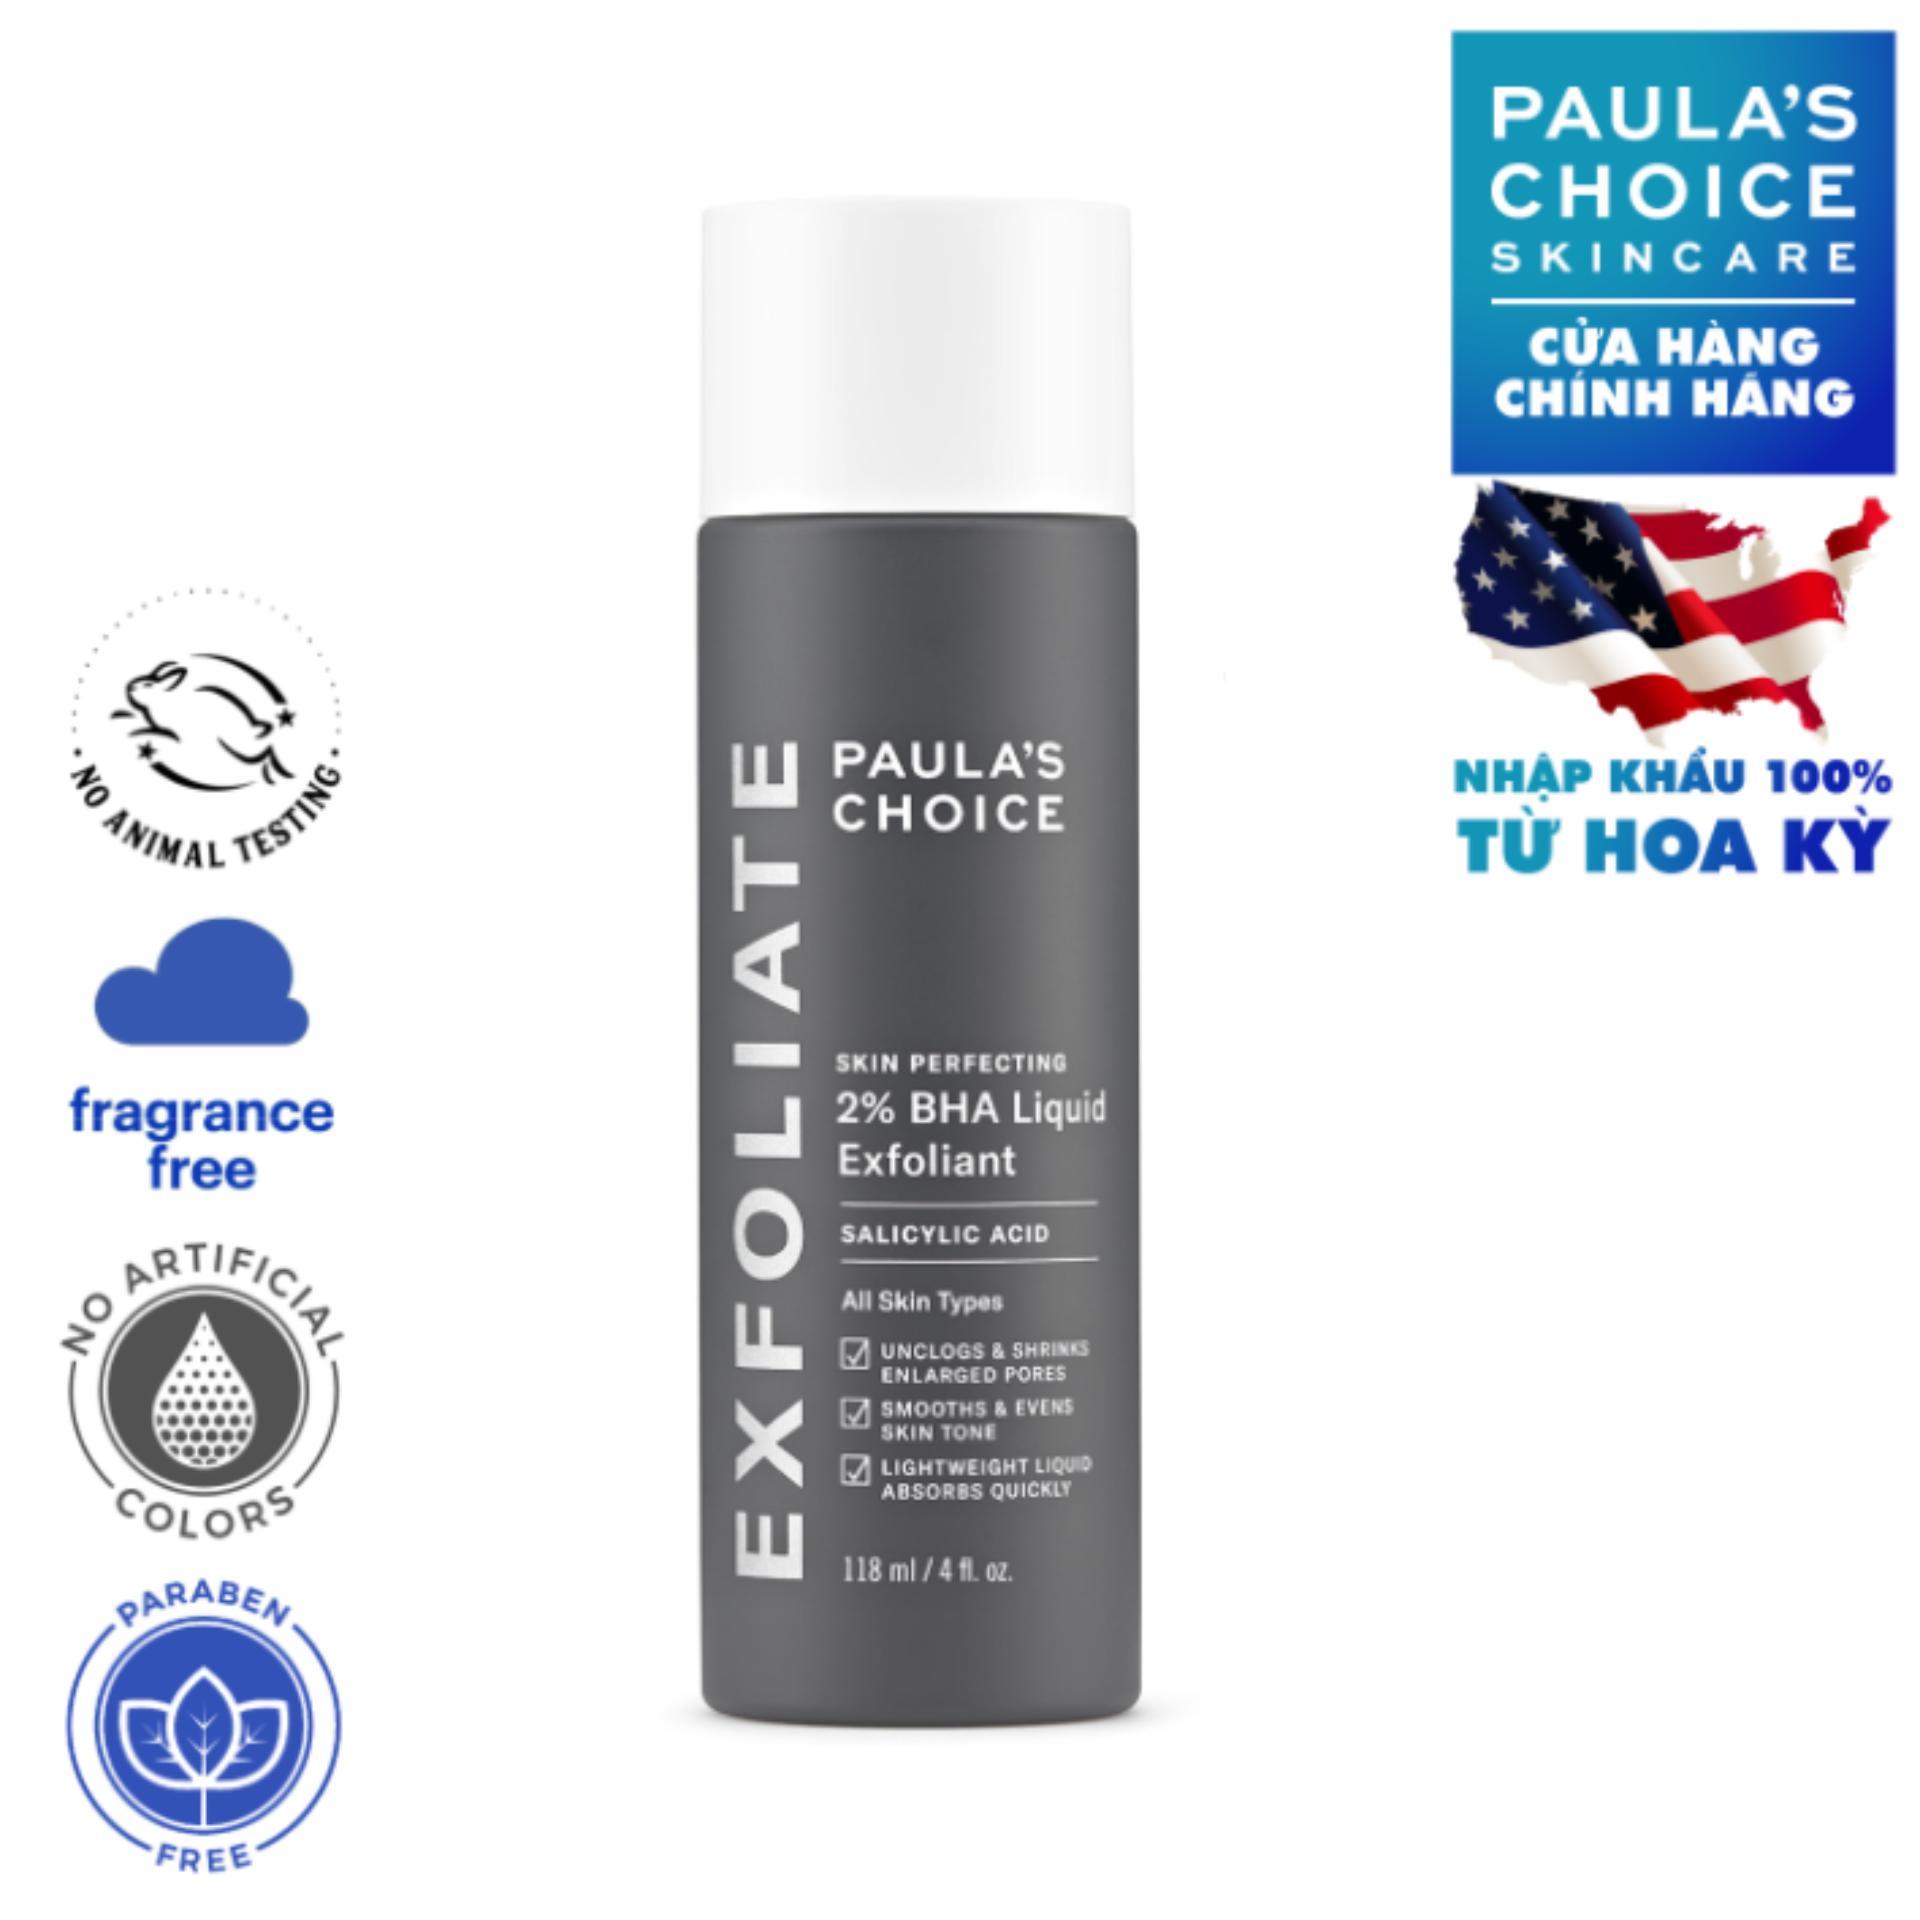 Dung dịch loại bỏ tế bào chết Paula's Choice Skin Perfecting 2% BHA Liquid Exfoliant 118 ml chính hãng